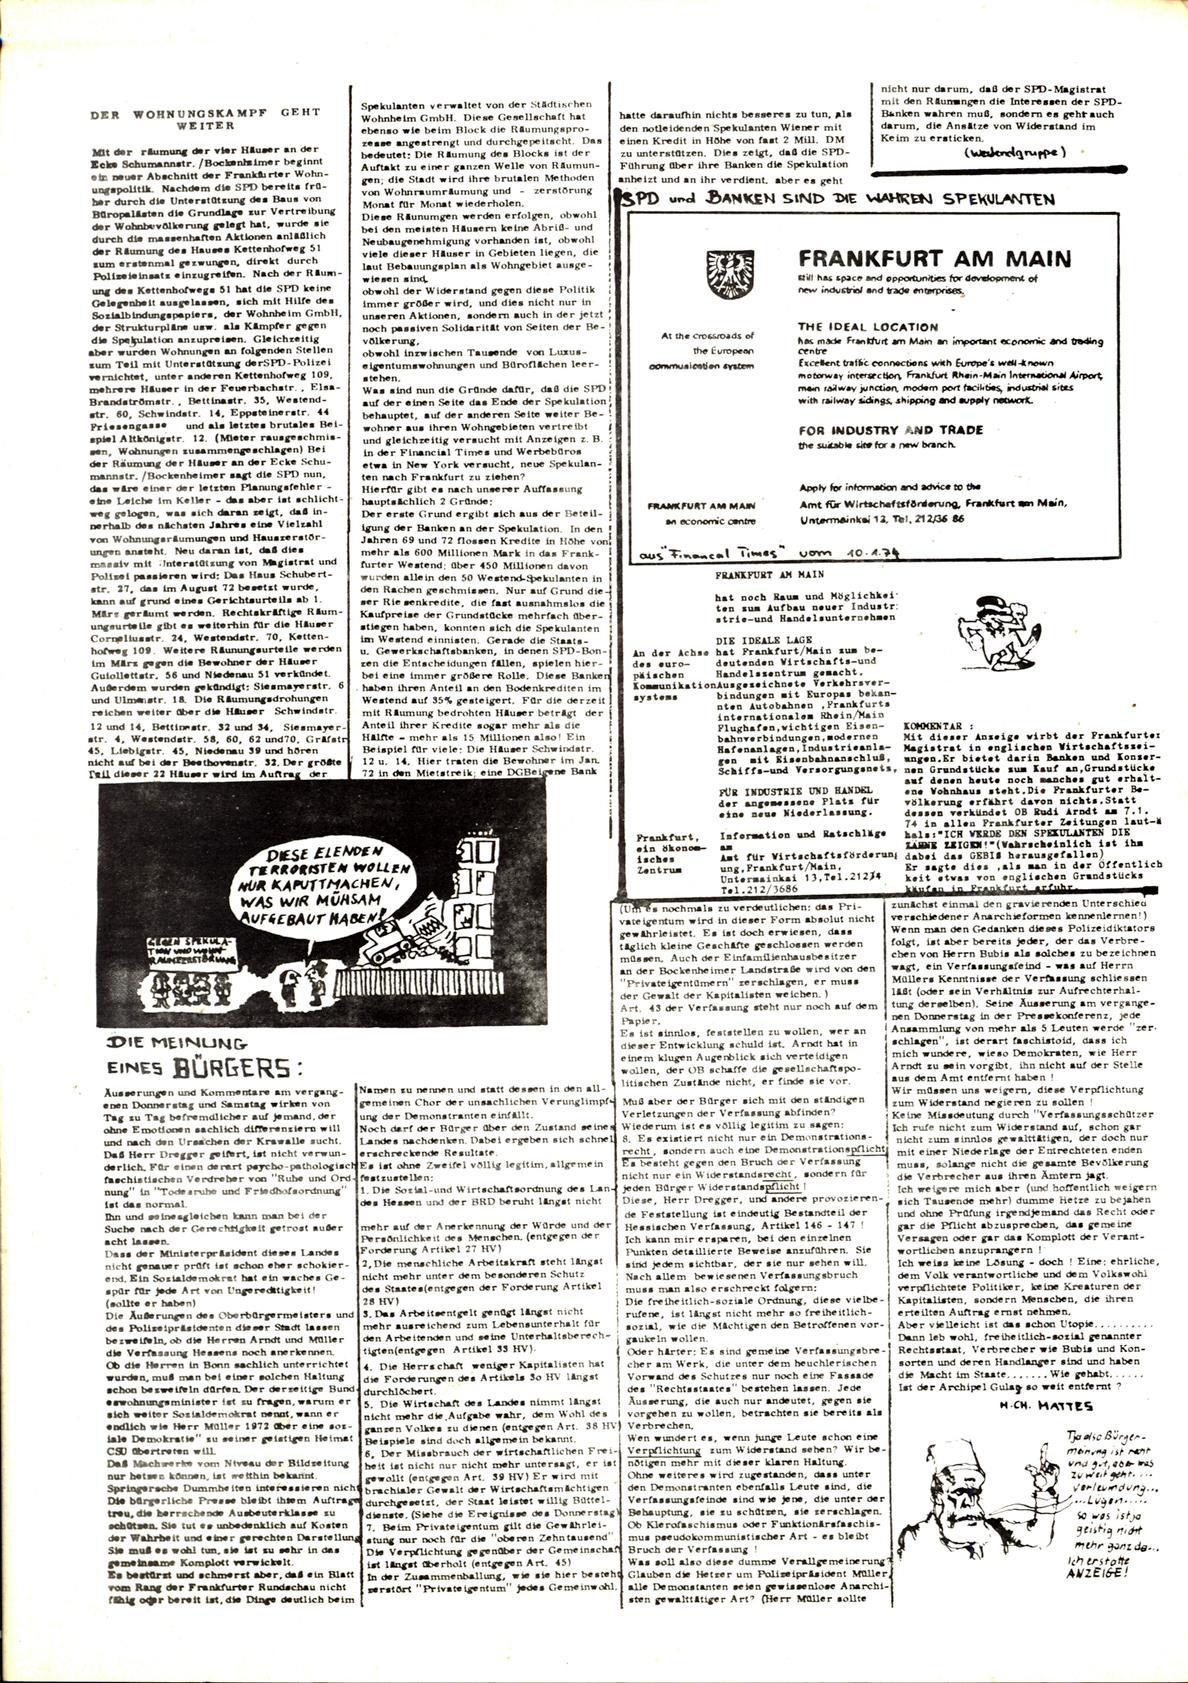 Frankfurt_Haeuserratszeitung_19740300_009_04